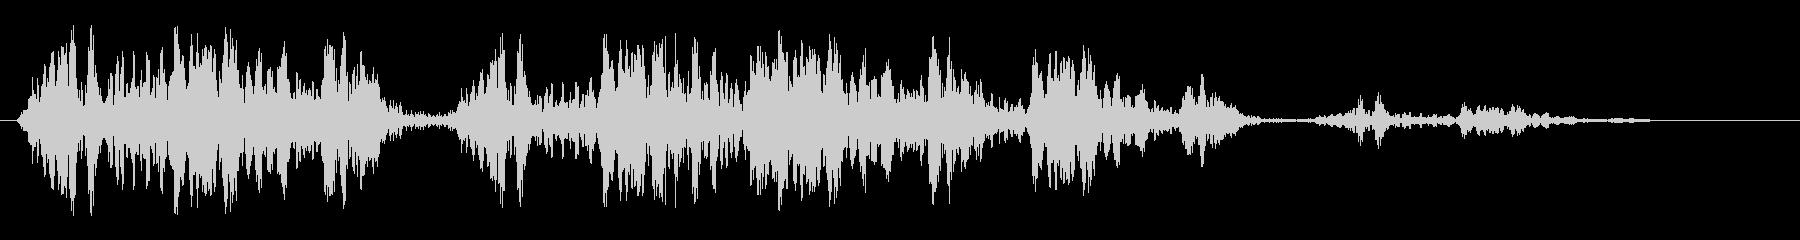 シュワンシュワン(回転音)の未再生の波形